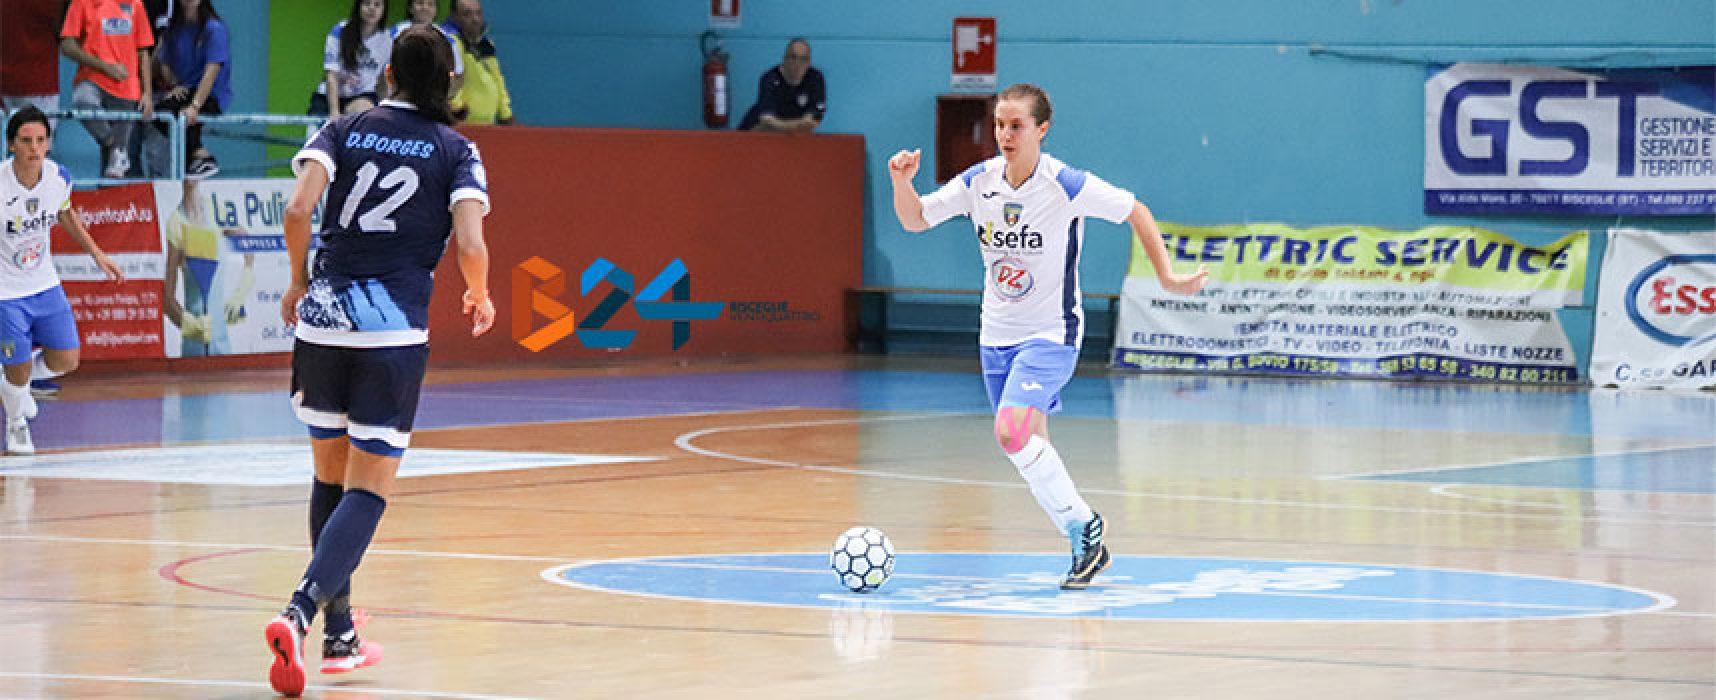 Bisceglie Femminile in campo a Cagliari nell'anticipo di Serie A